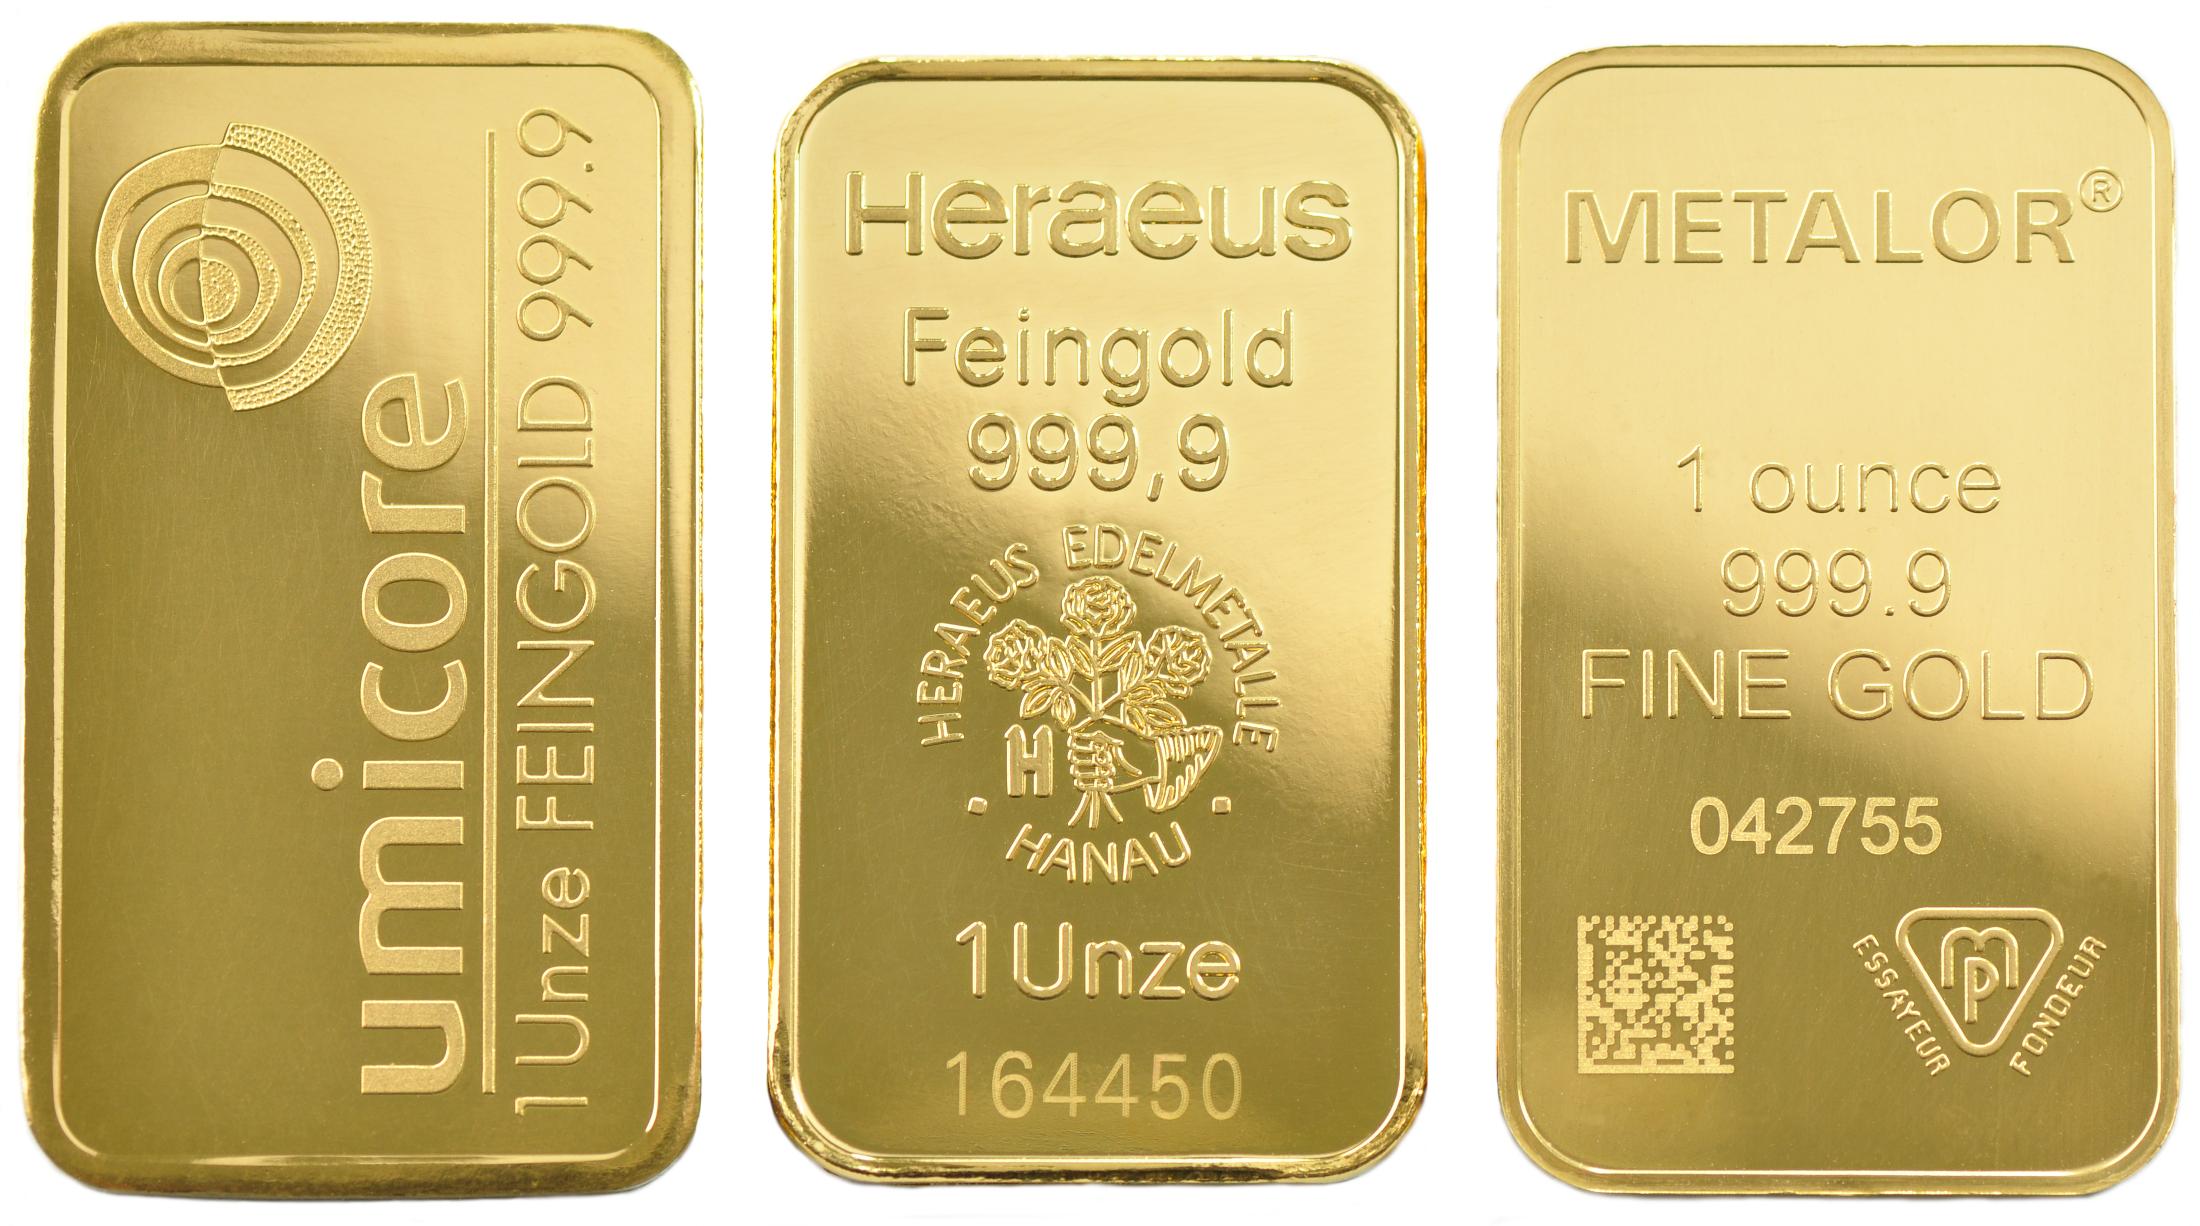 1oz Gold Bars Best Value Bullionbypost From 1 362